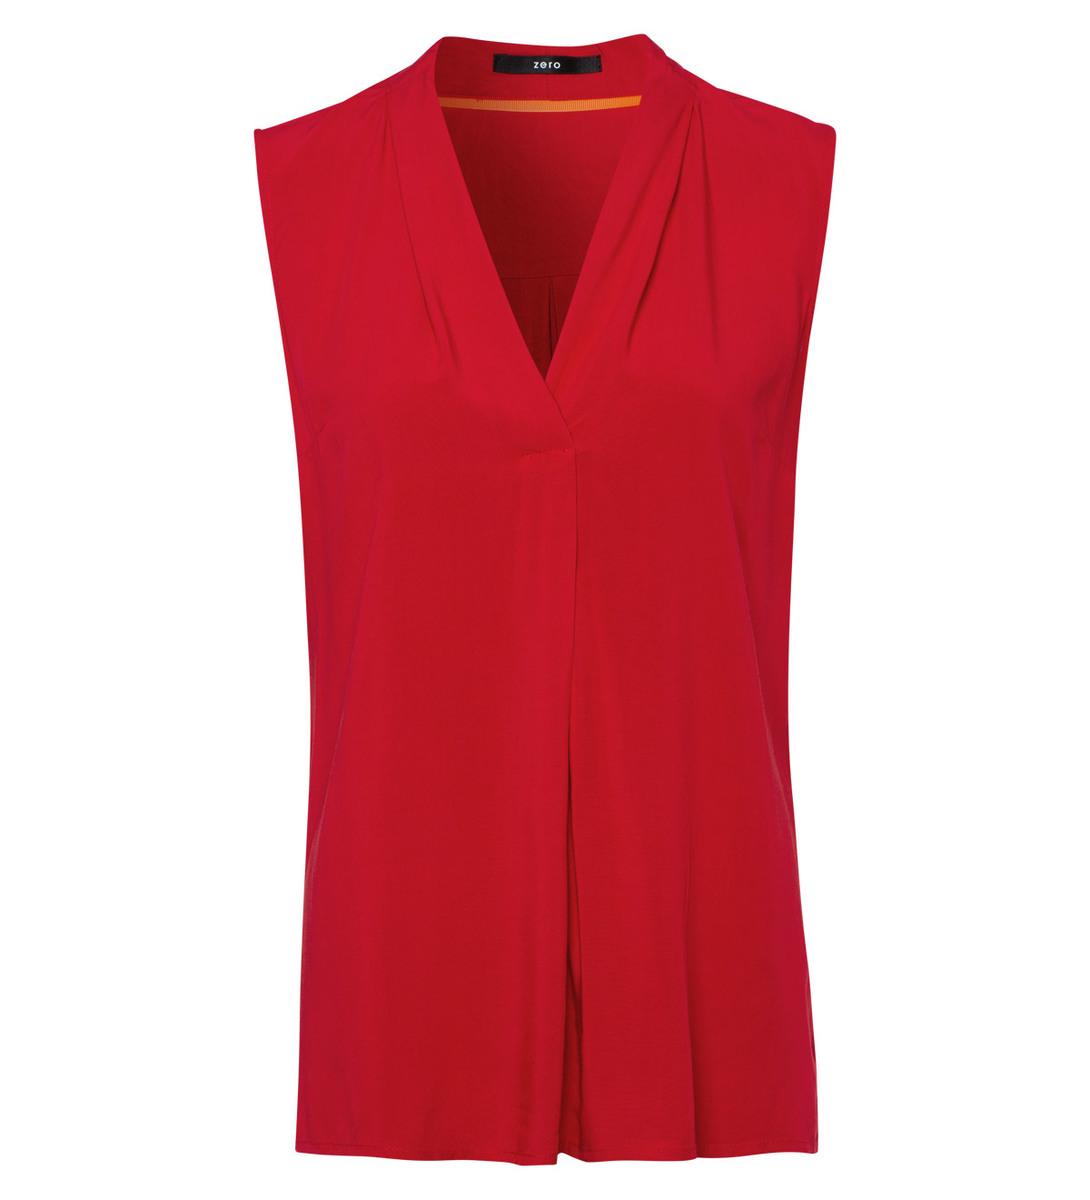 Bluse mit Faltenwurf in fresh red